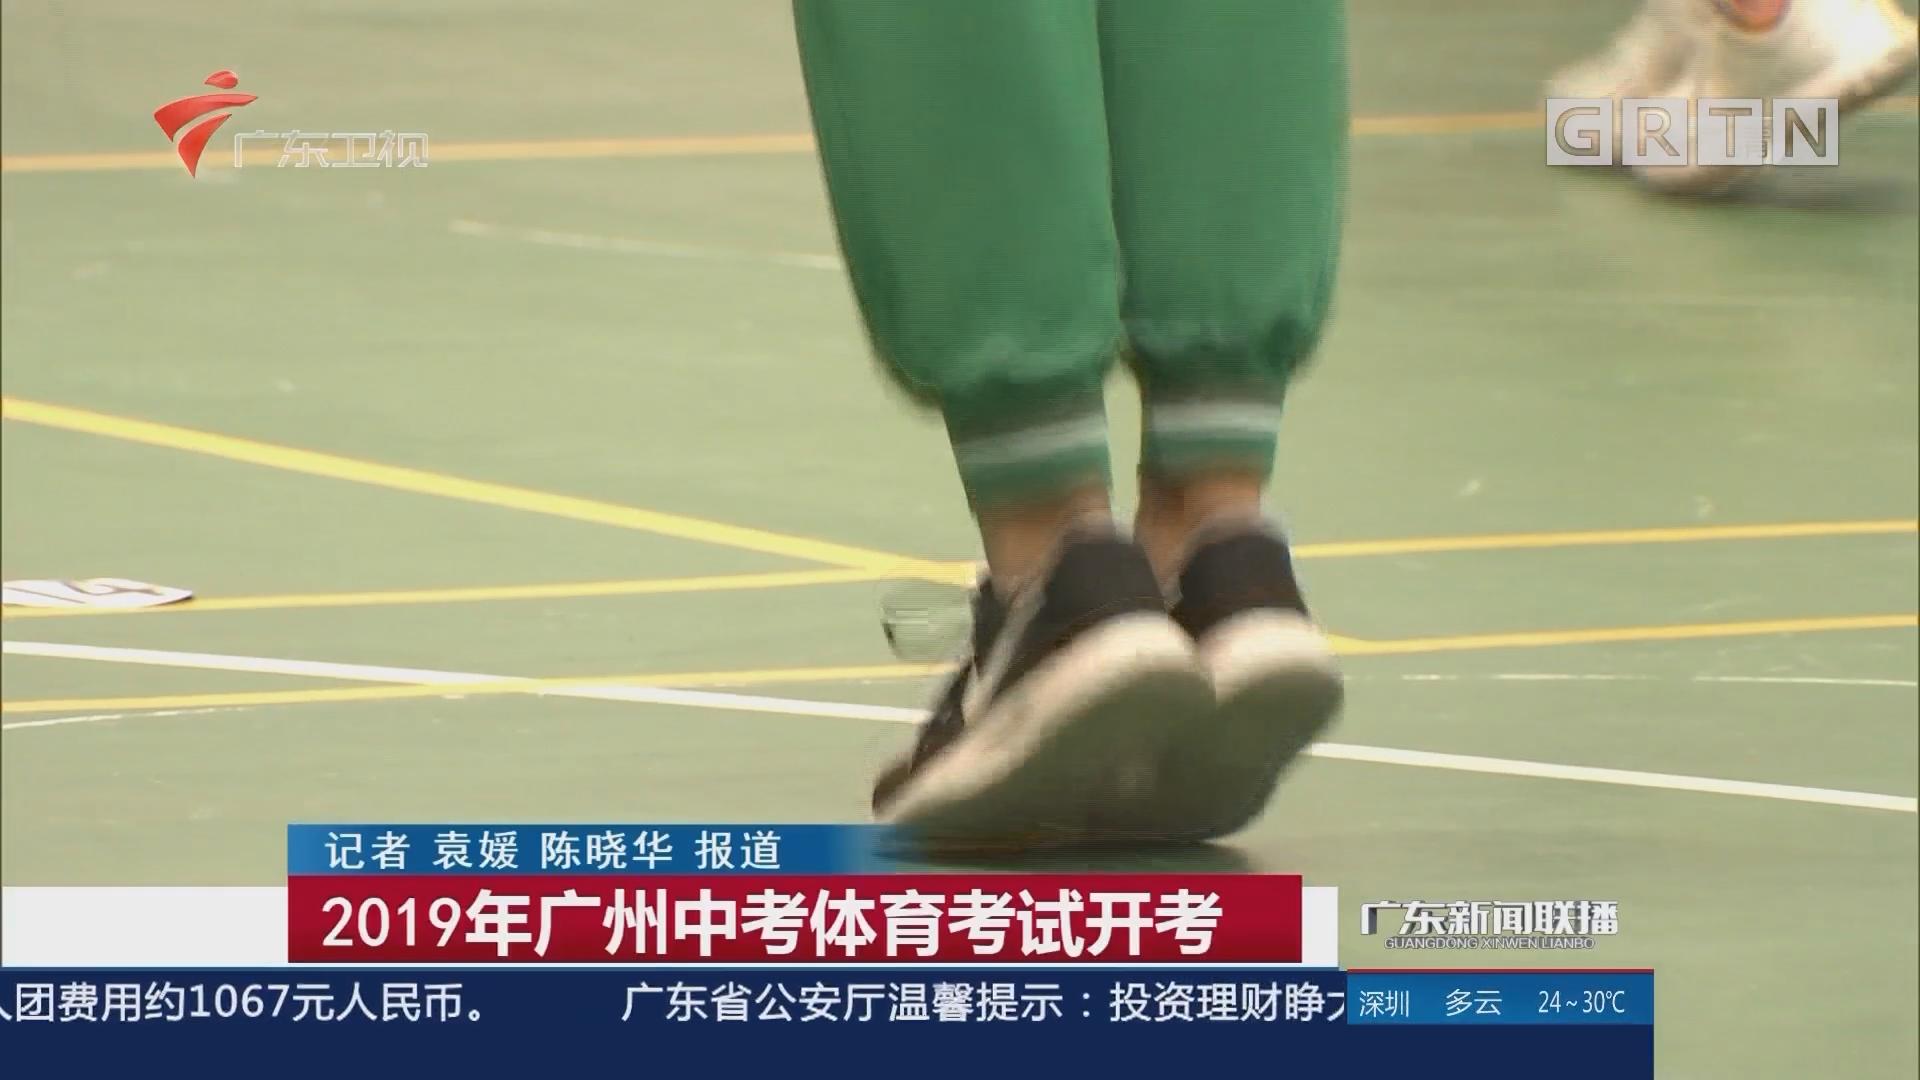 2019年广州中考体育考试开考